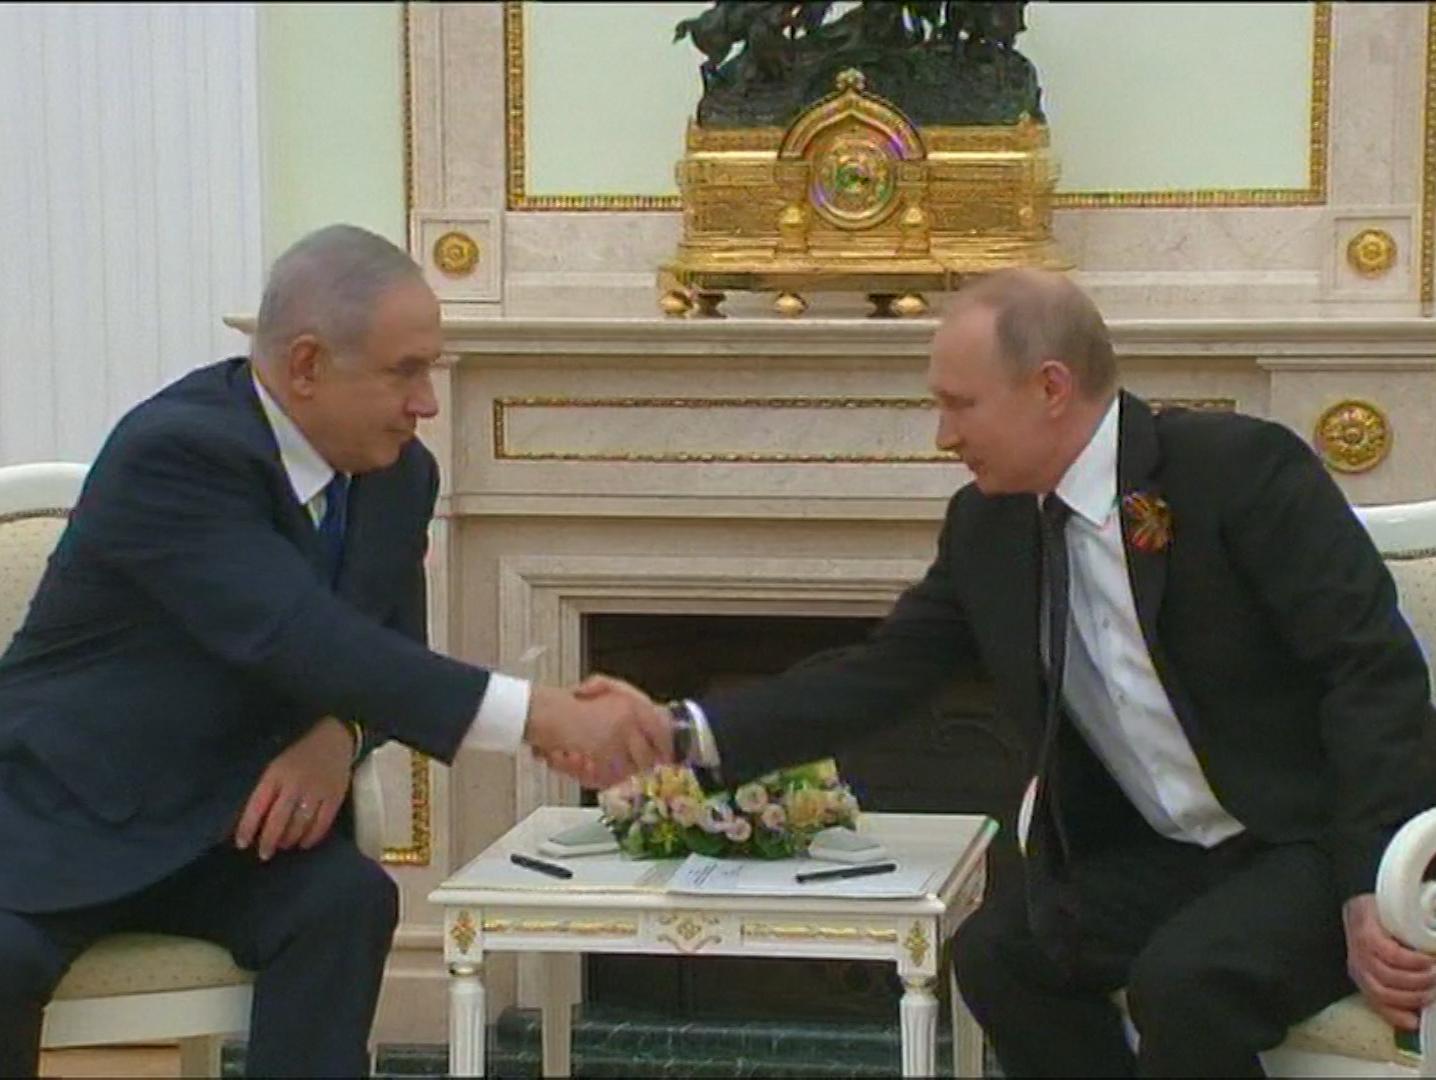 נתניהו שוחח עם פוטין: שיתוף הפעולה בנעשה בסוריה יחוזק